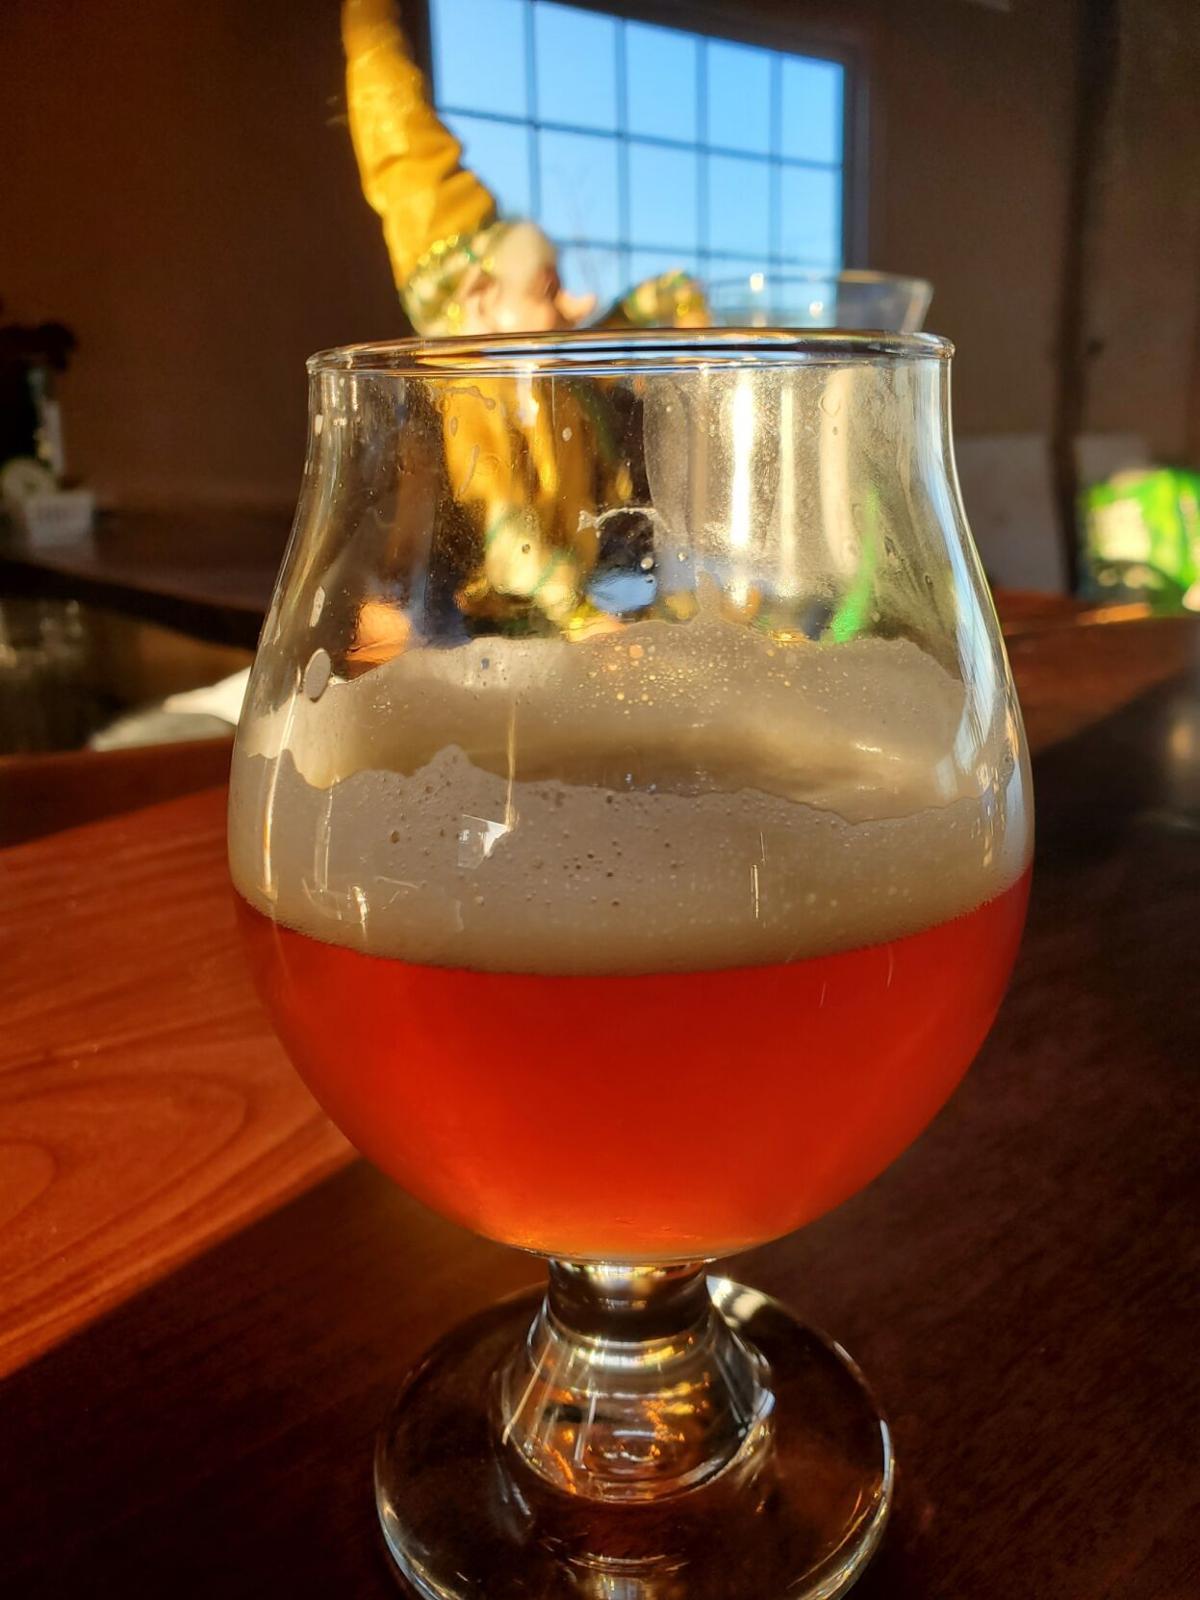 112020-roa-exploreva-breweries-p04